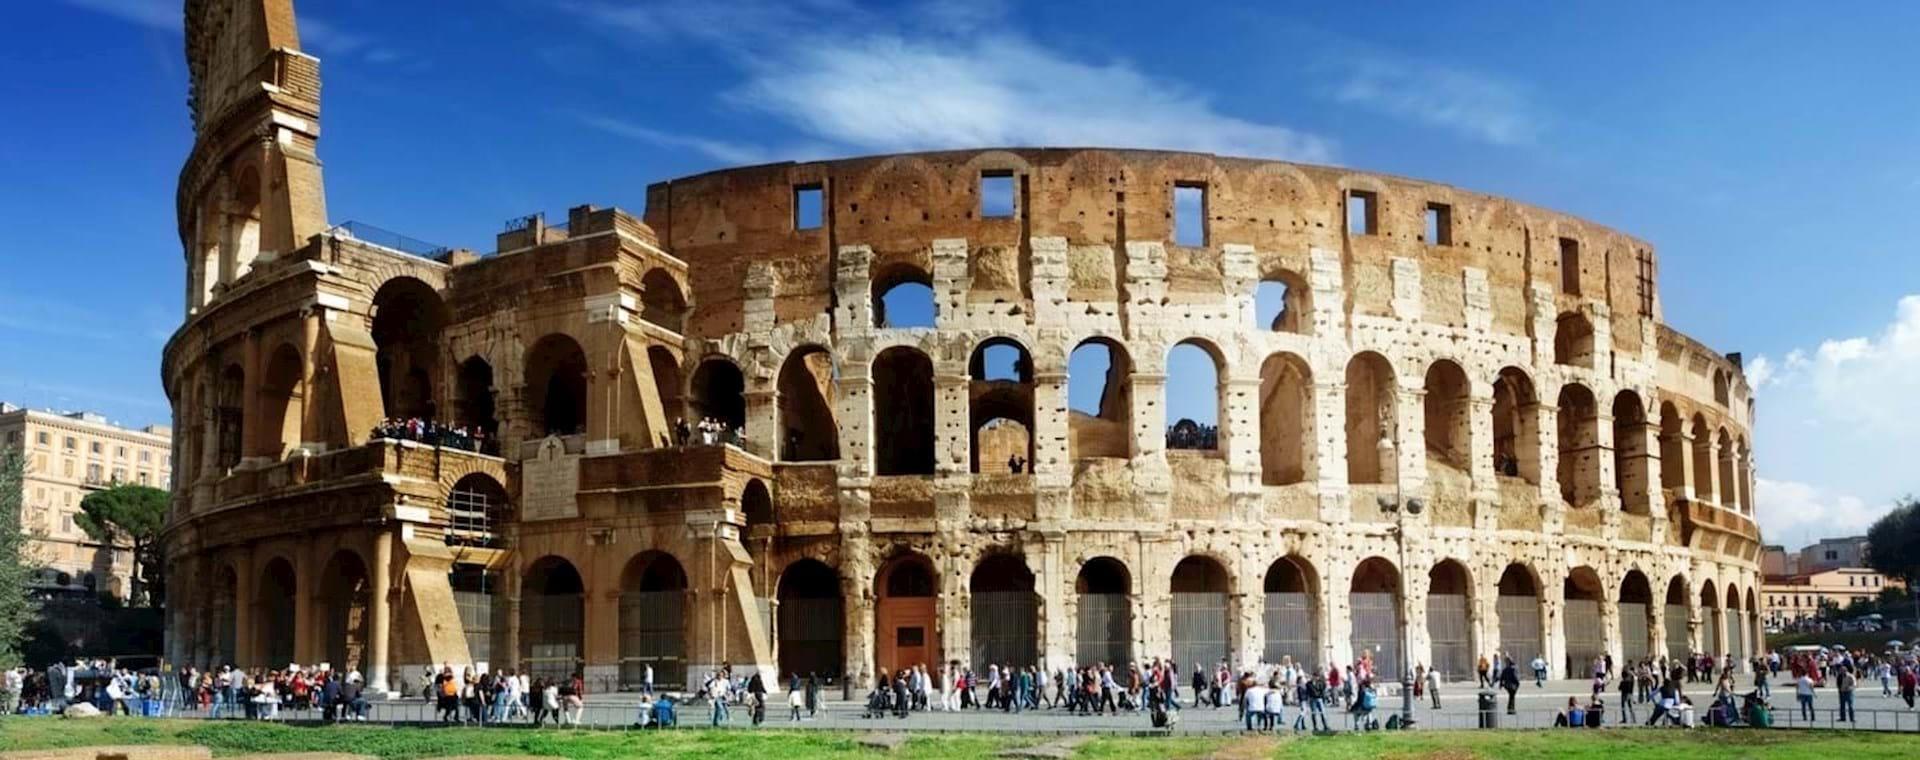 Visita ao Coliseu, incluindo o Fórum Romano & o Monte Palatino